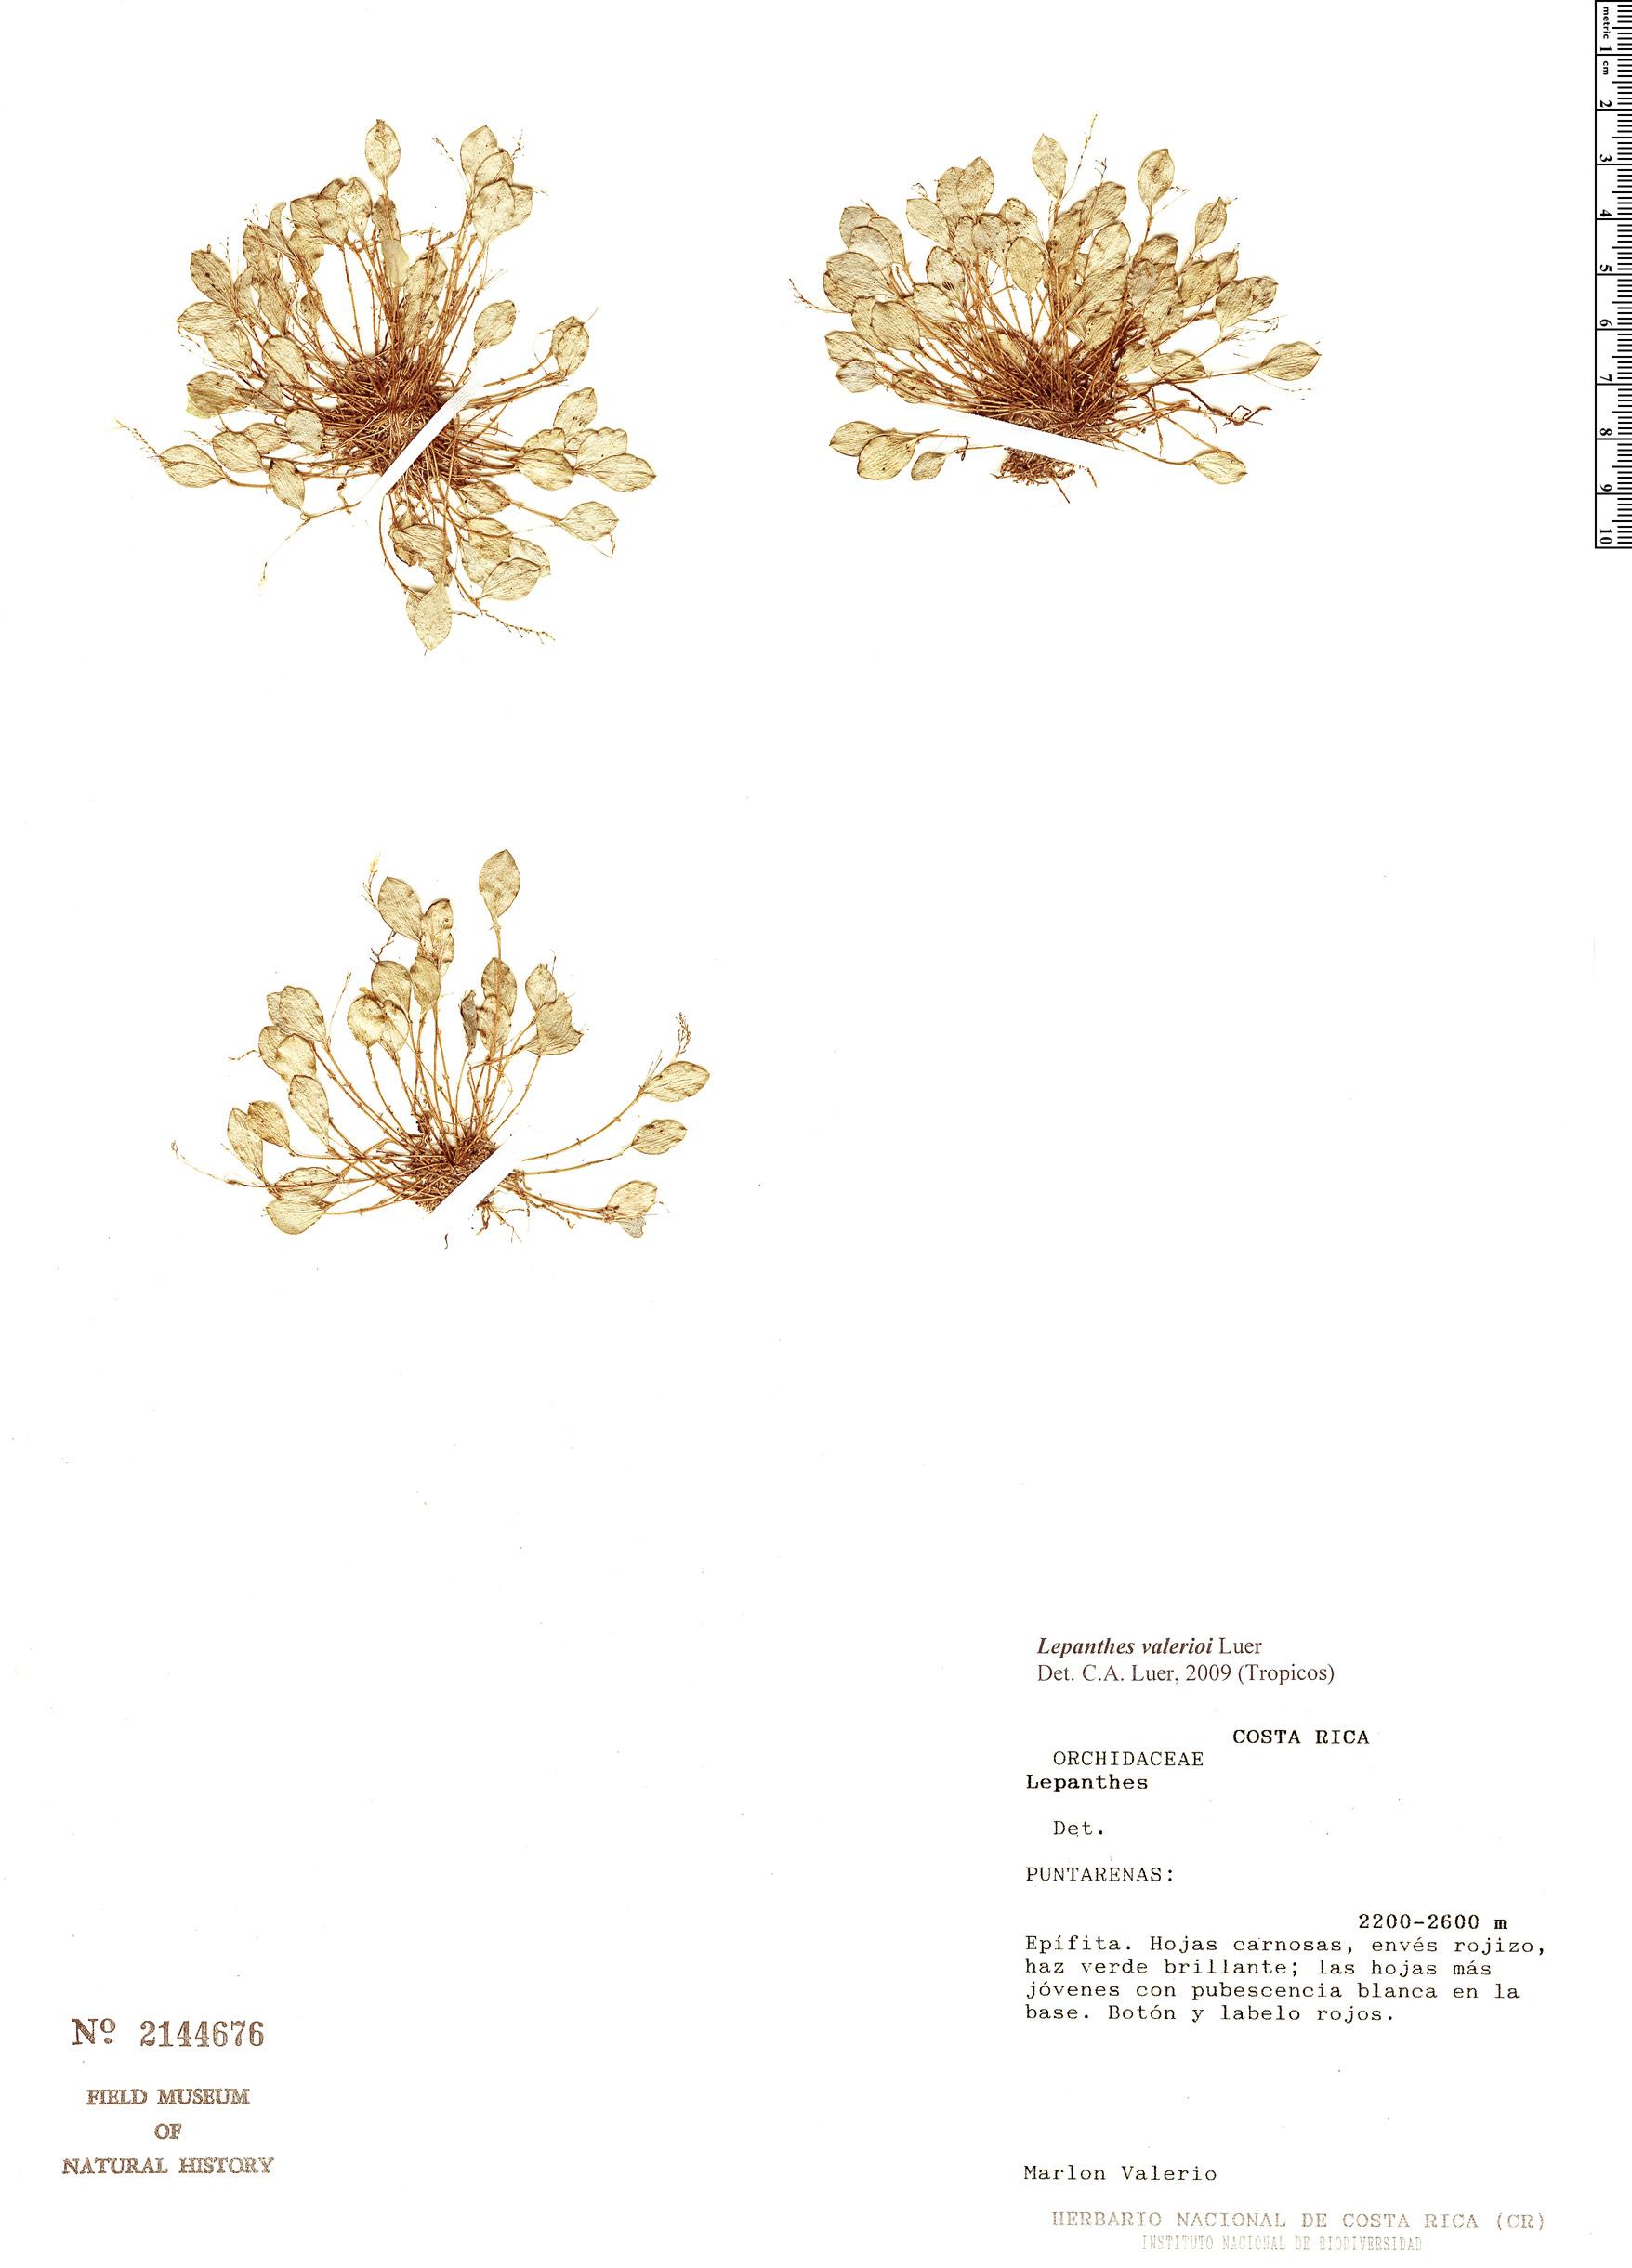 Specimen: Lepanthes valerioi